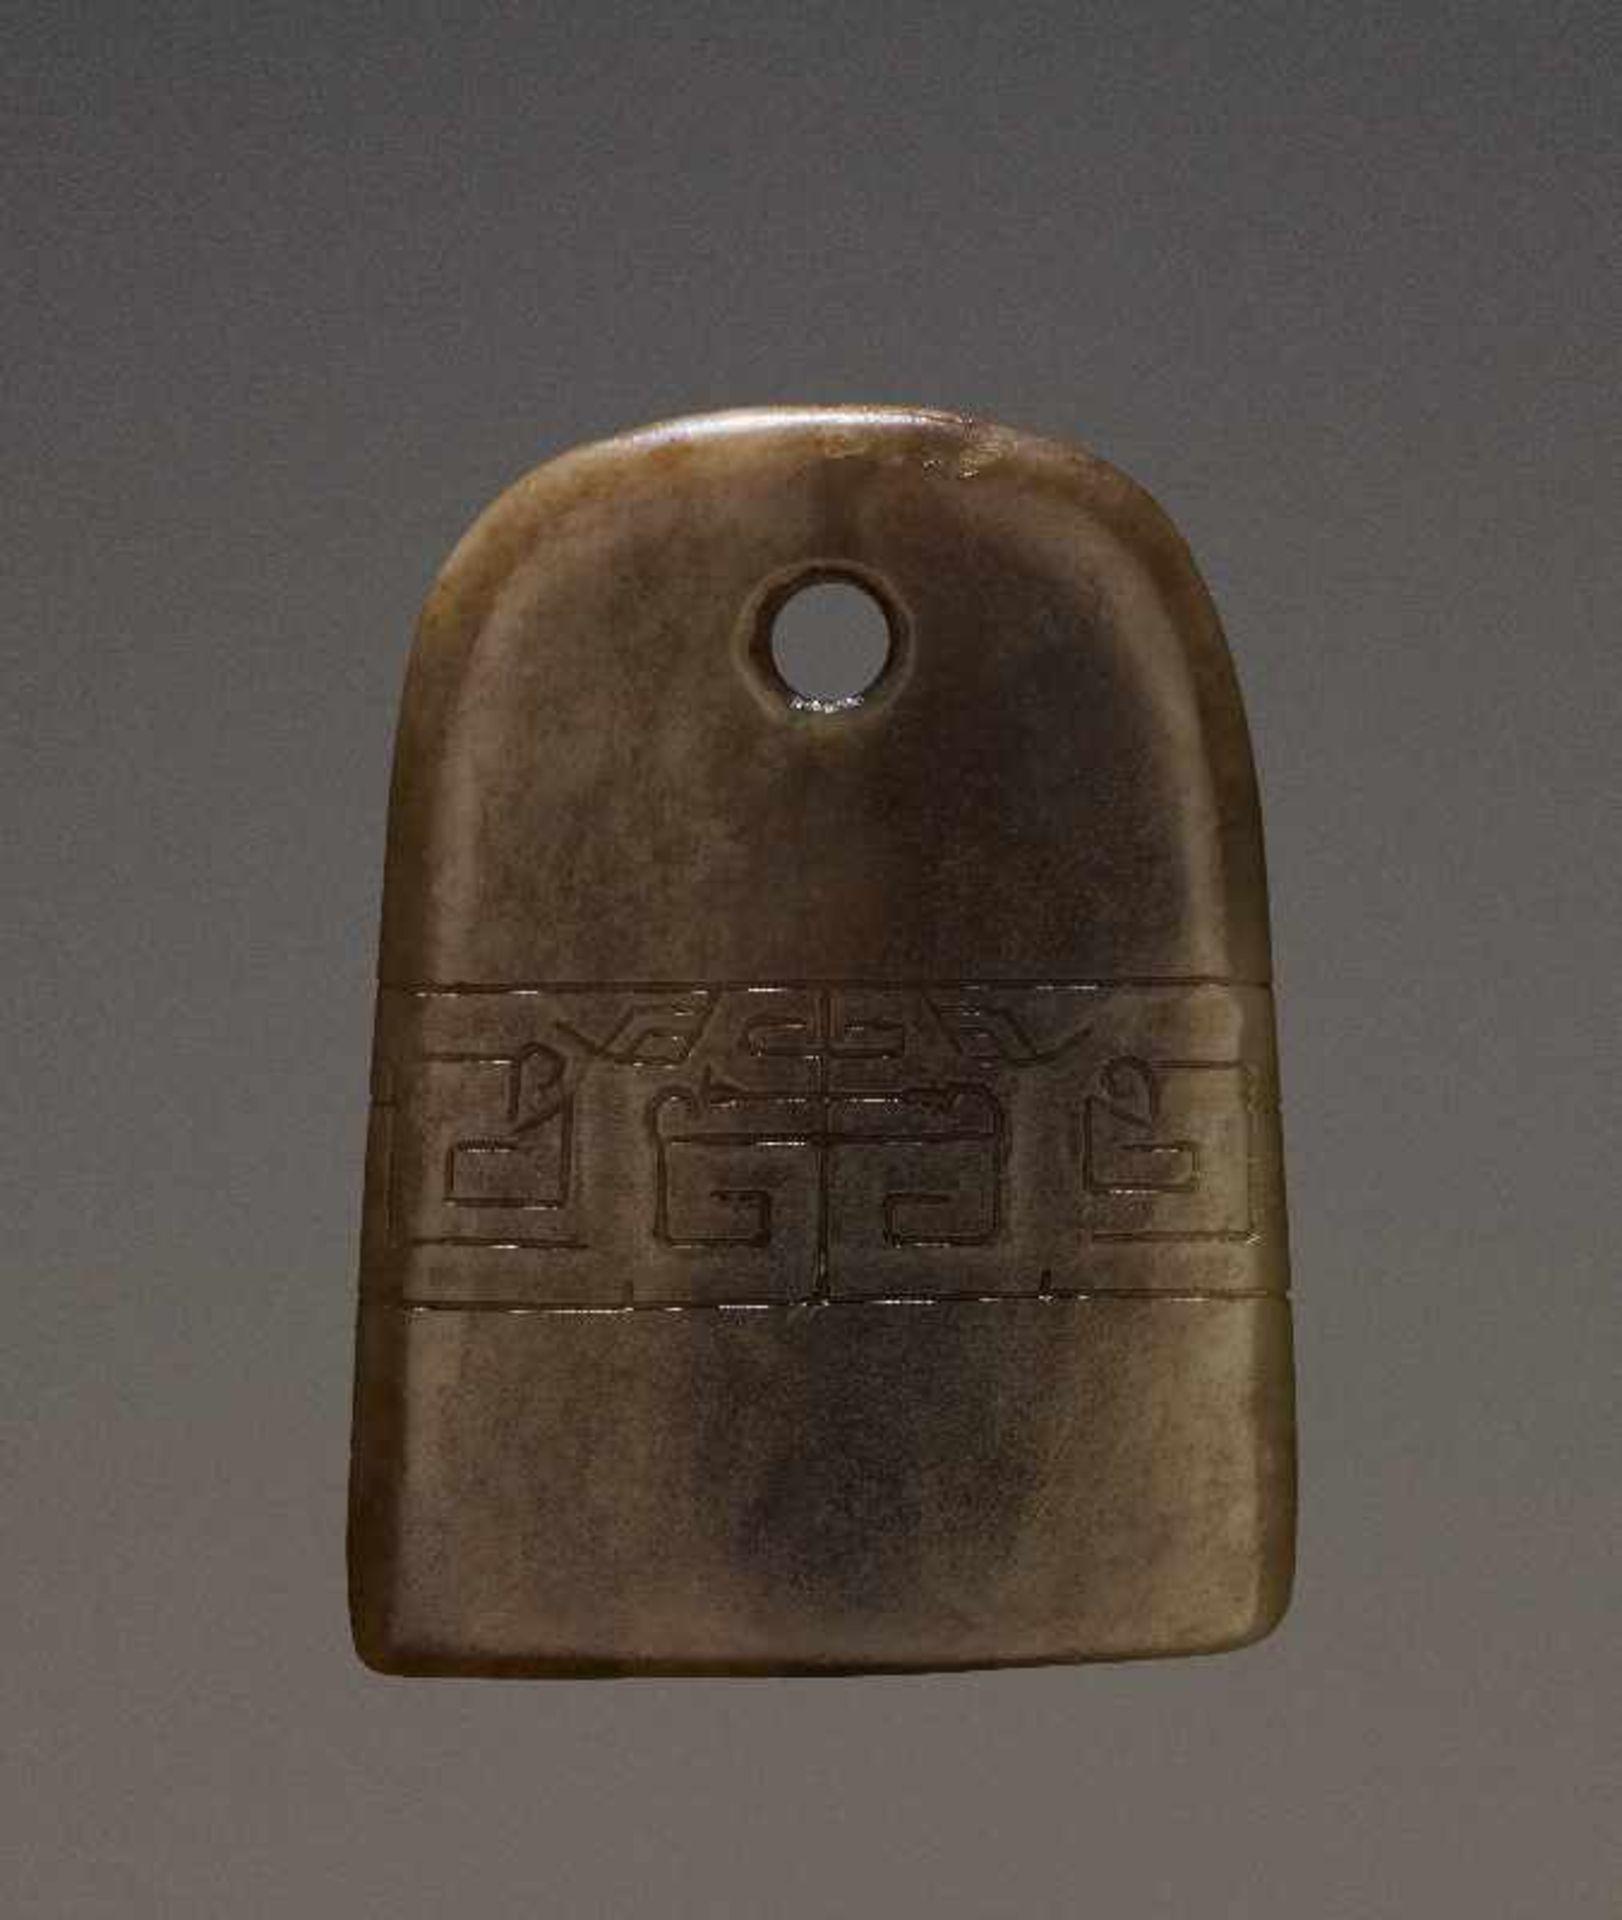 KONVOLUT MIT EINER BI UND DREI AMULETTENJade. China, späte Qing-Dynastie, 19. Jh. 75a: BI Jade. - Image 10 of 17